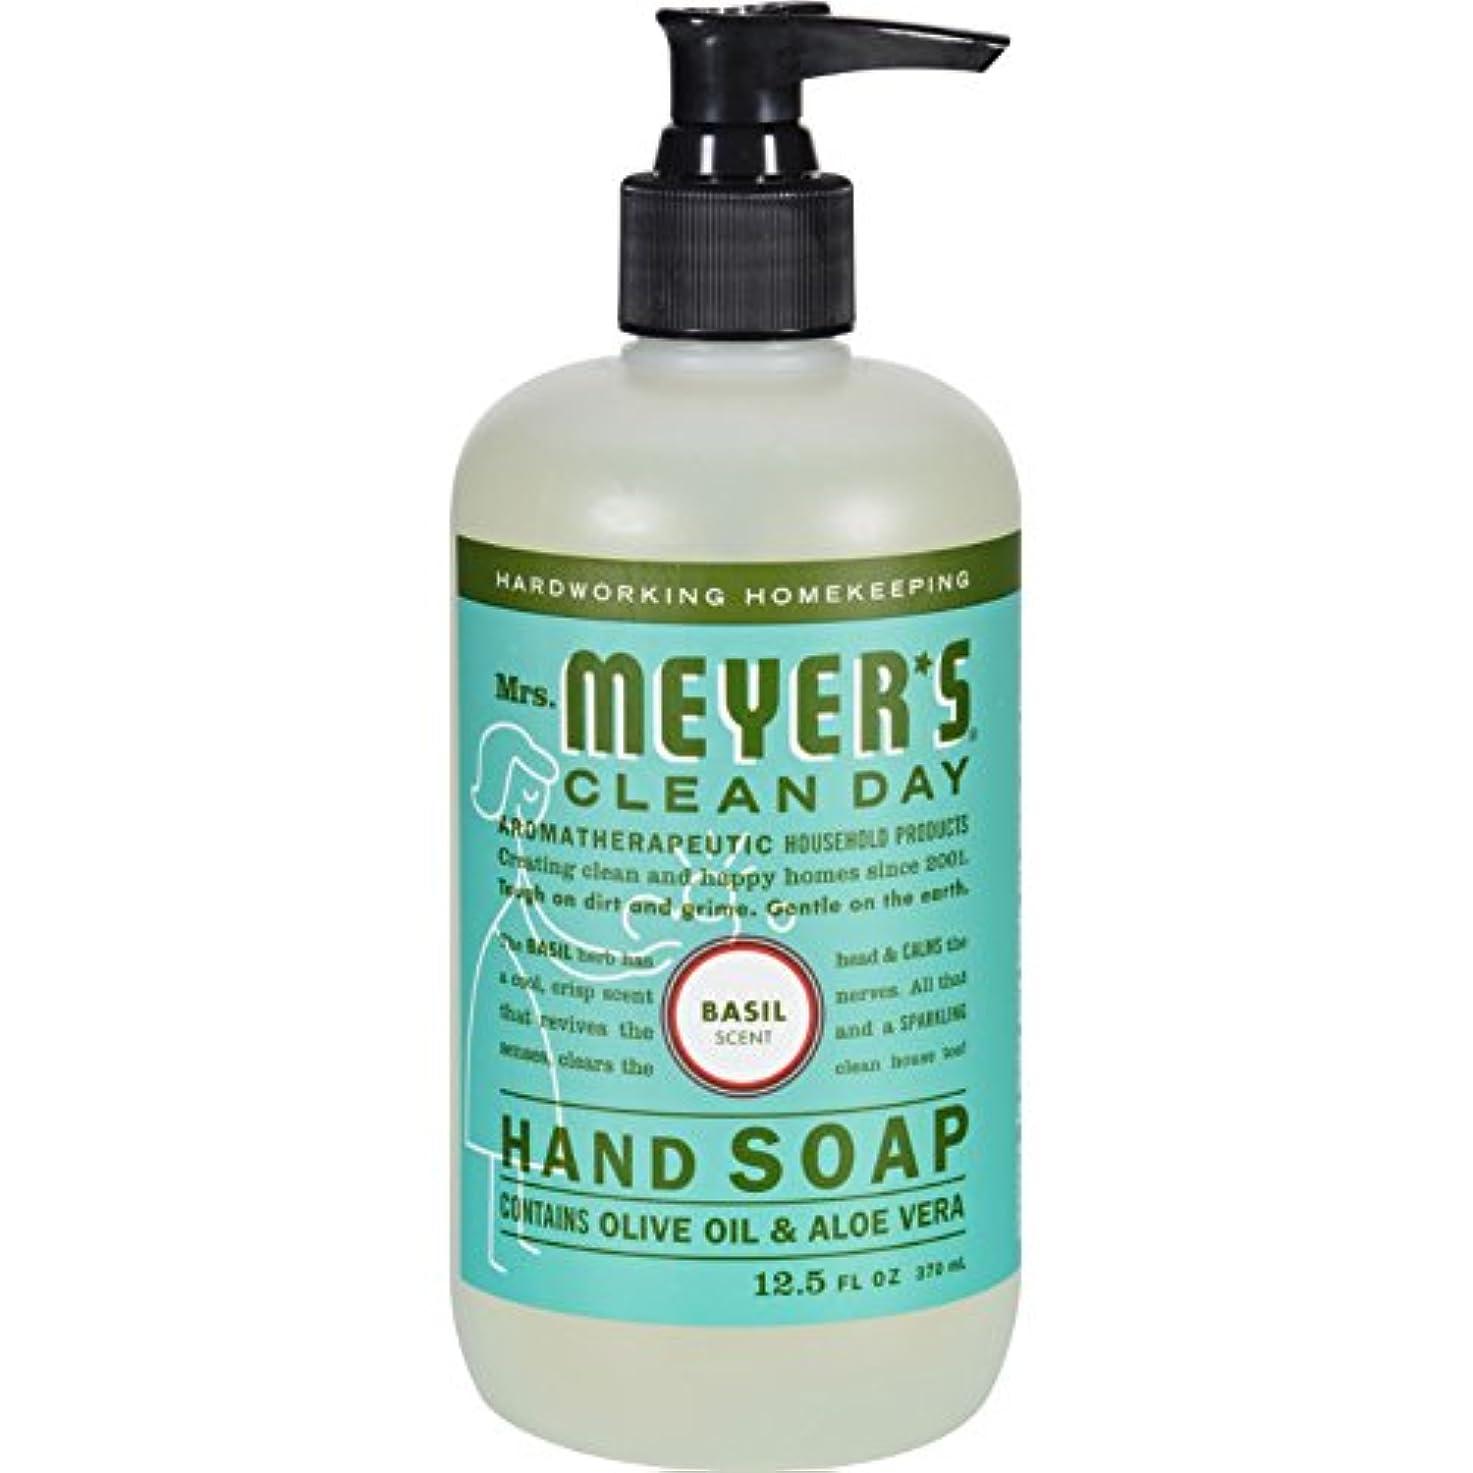 お尻ドループ車両MRS. MEYER'S HAND SOAP,LIQ,BASIL, 12.5 FZ by Mrs. Meyer's Clean Day